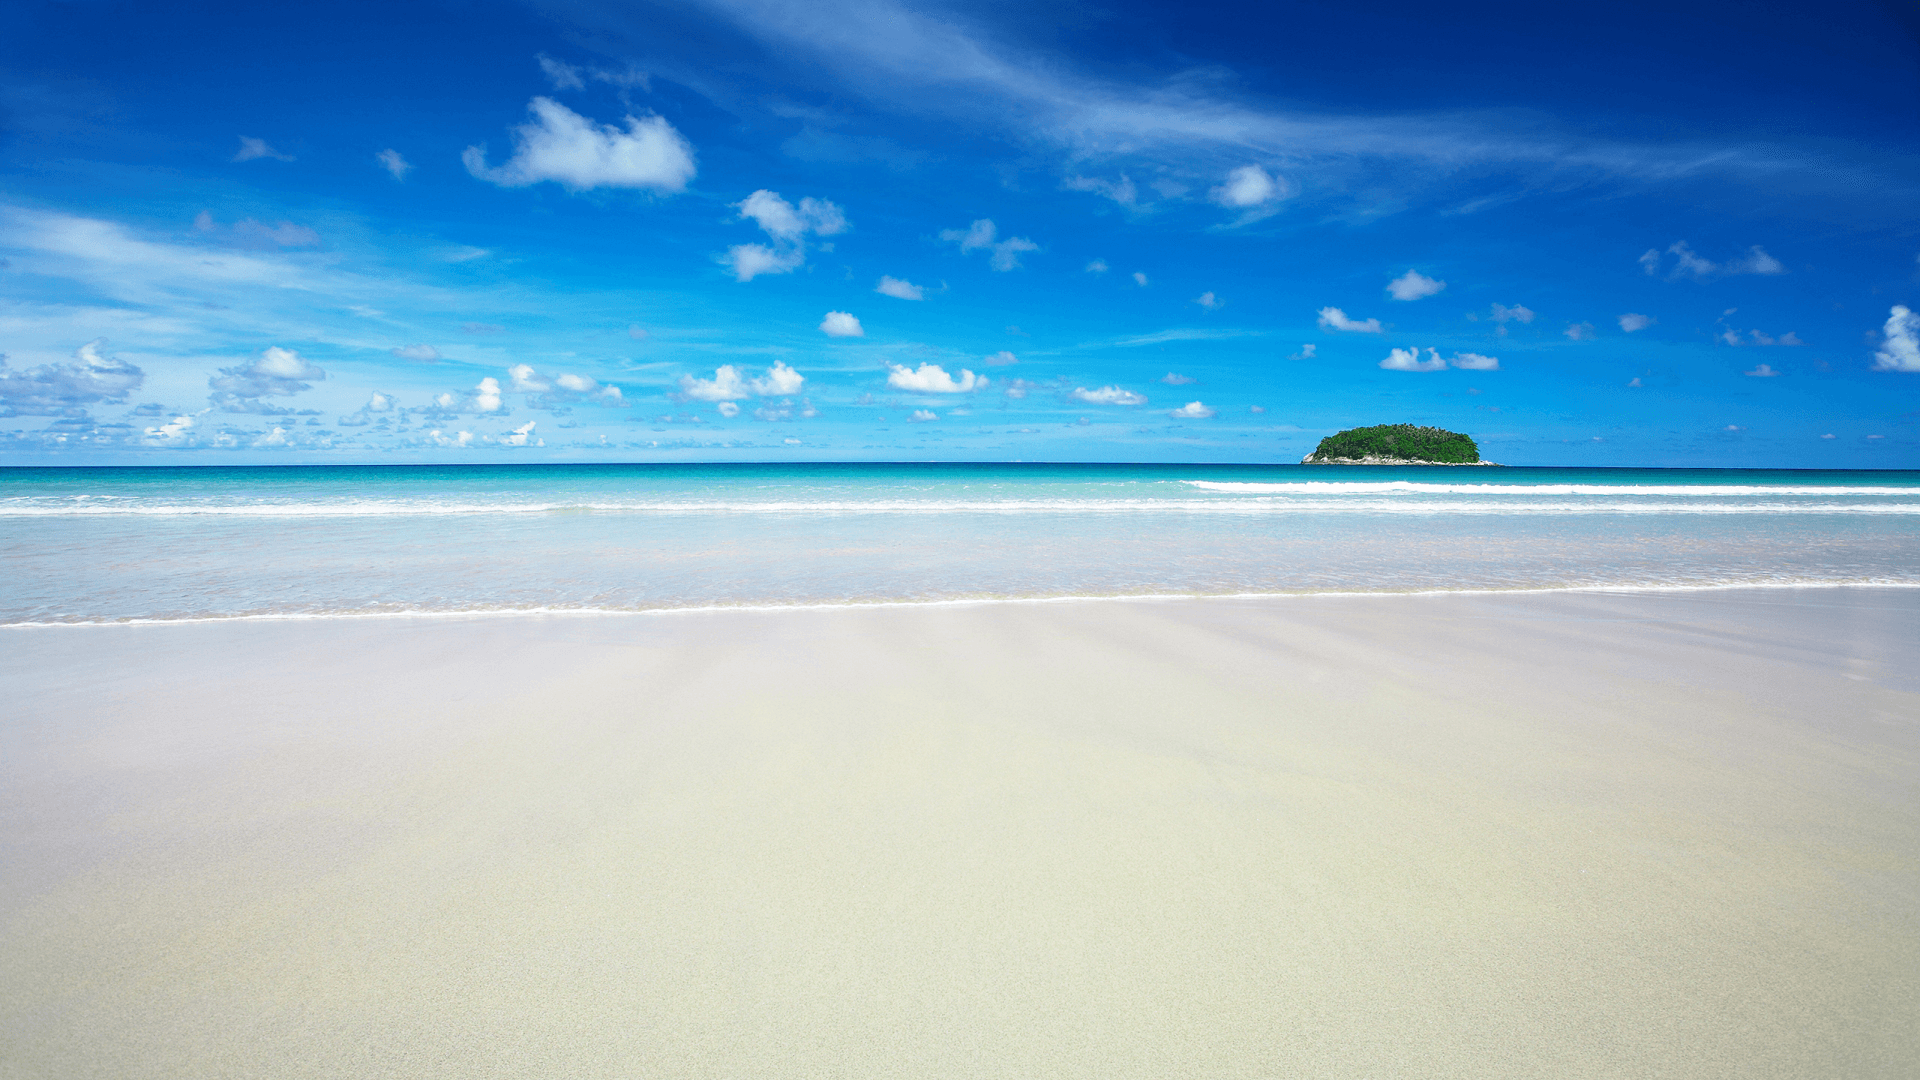 קו חוף נקי ומרשים